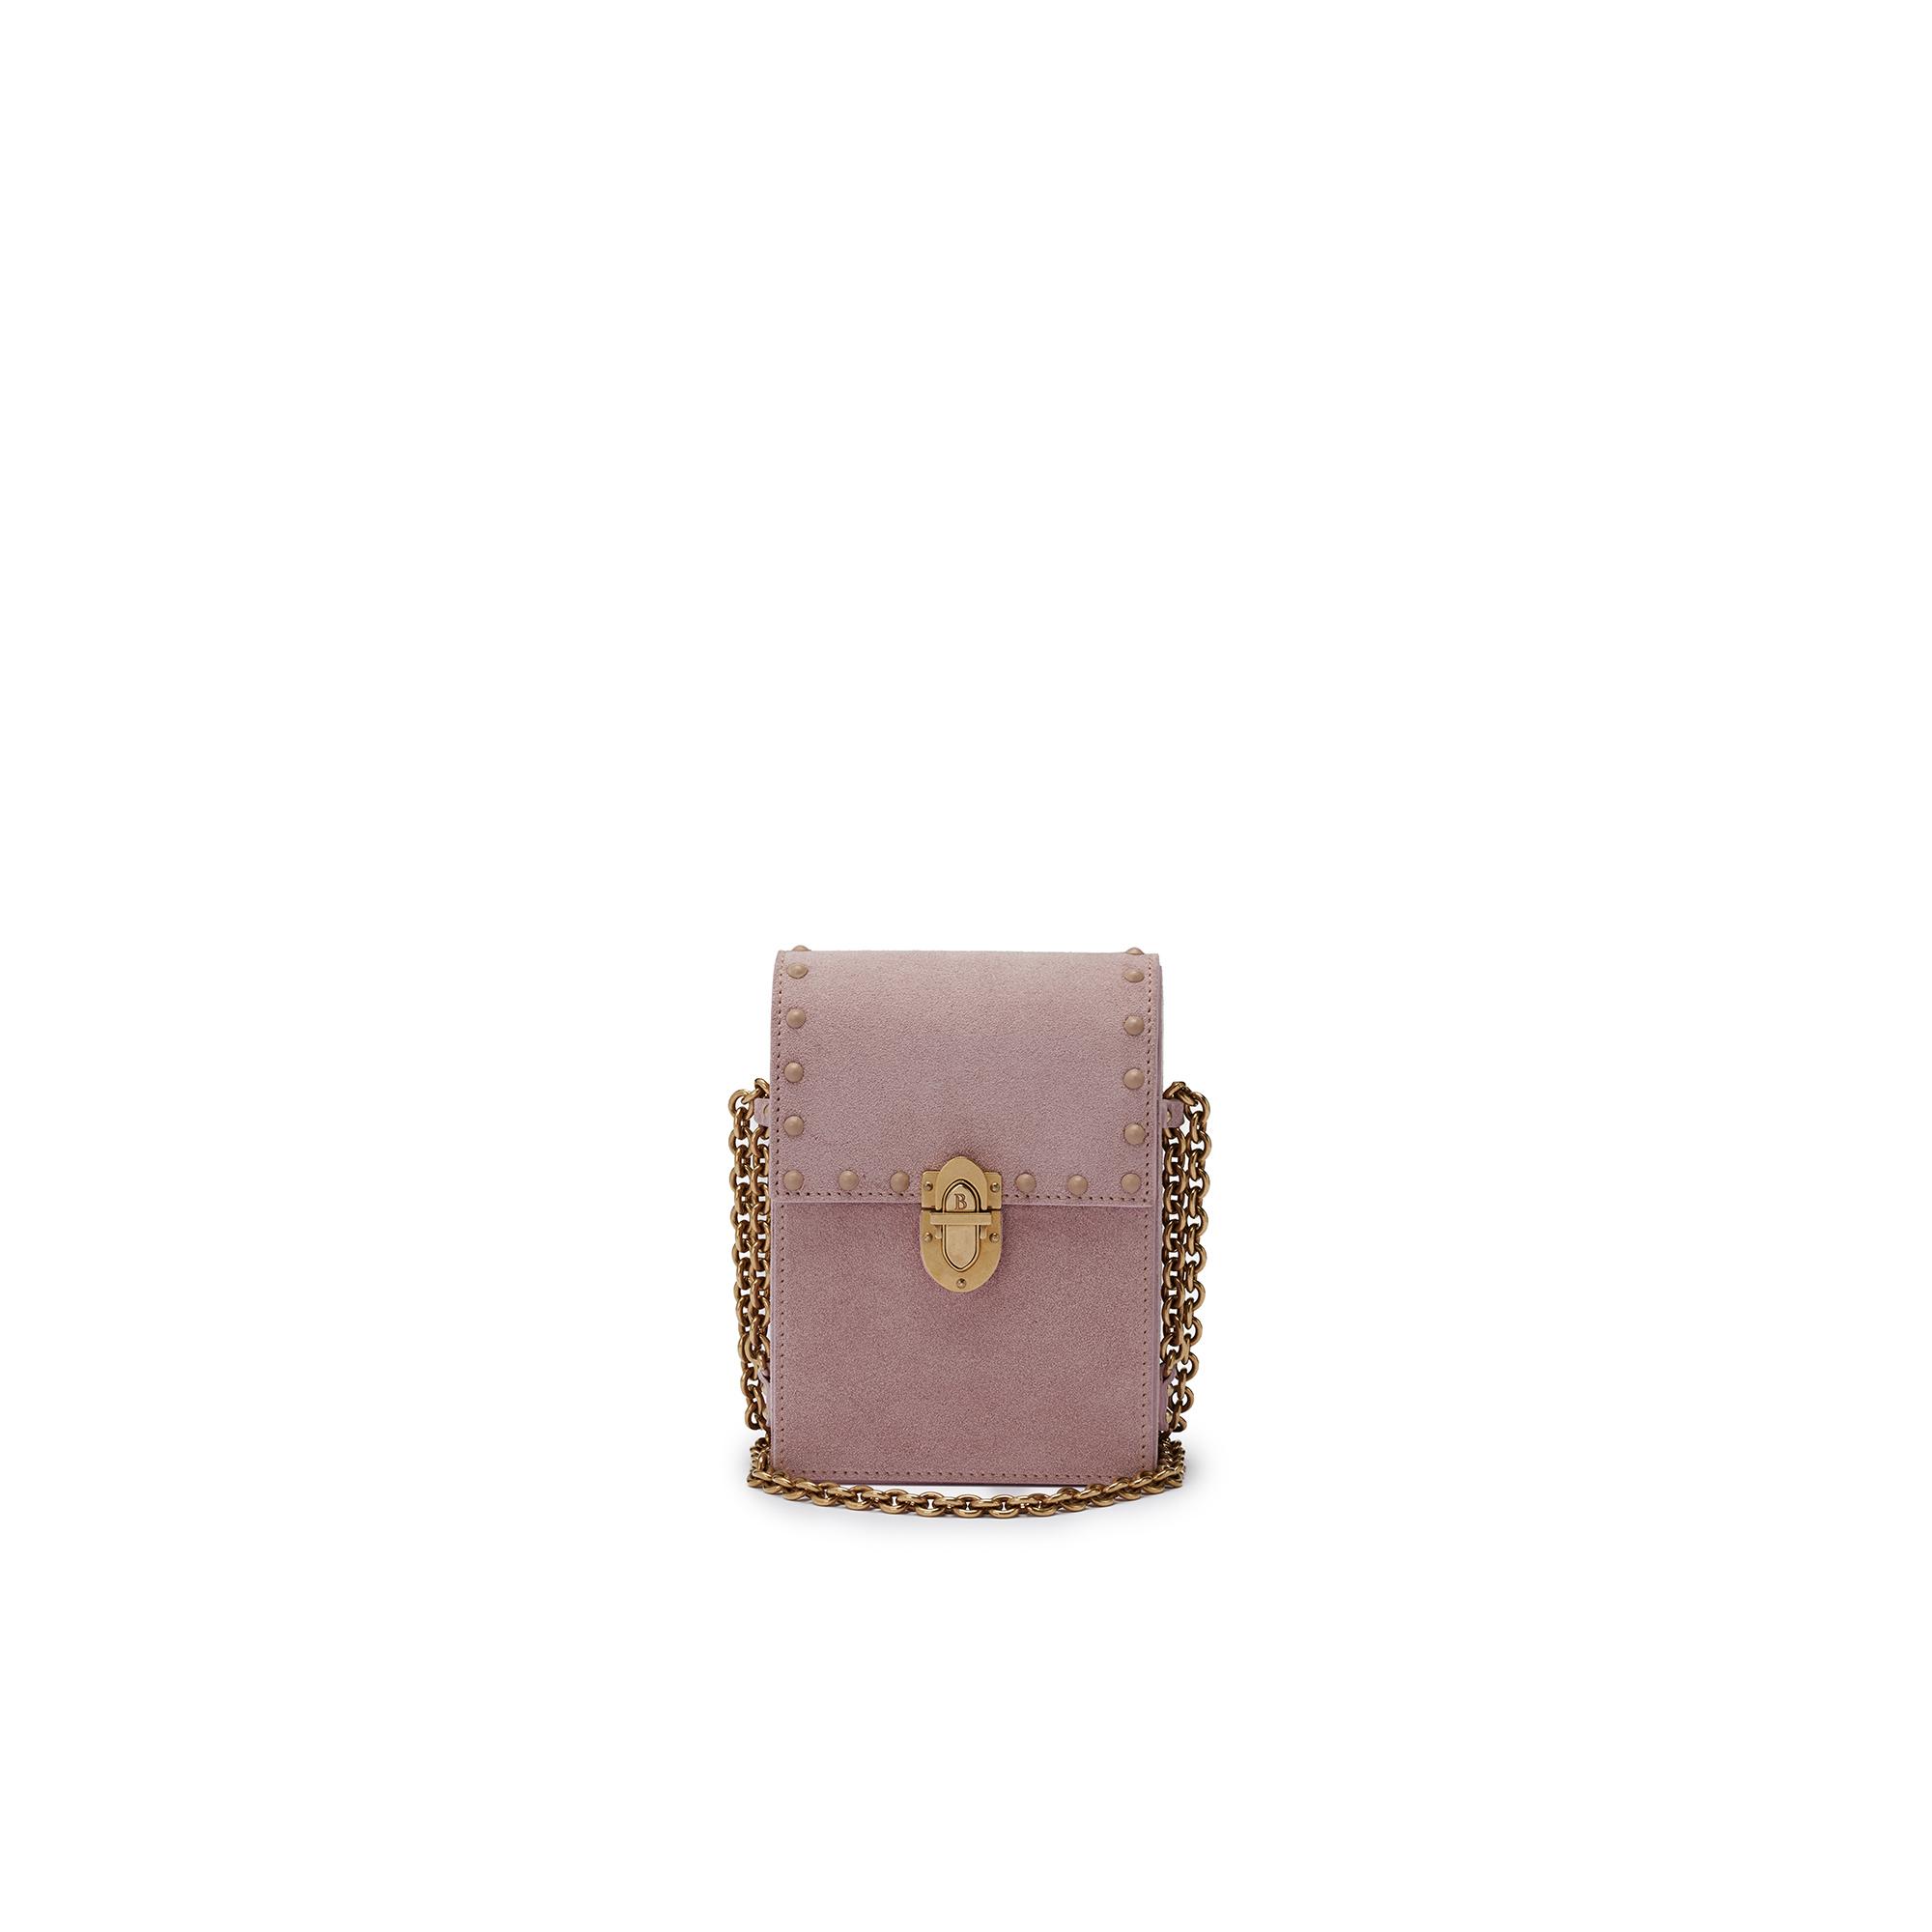 Mini-Gigi-antique-rose-suede-bag-Bertoni-1949